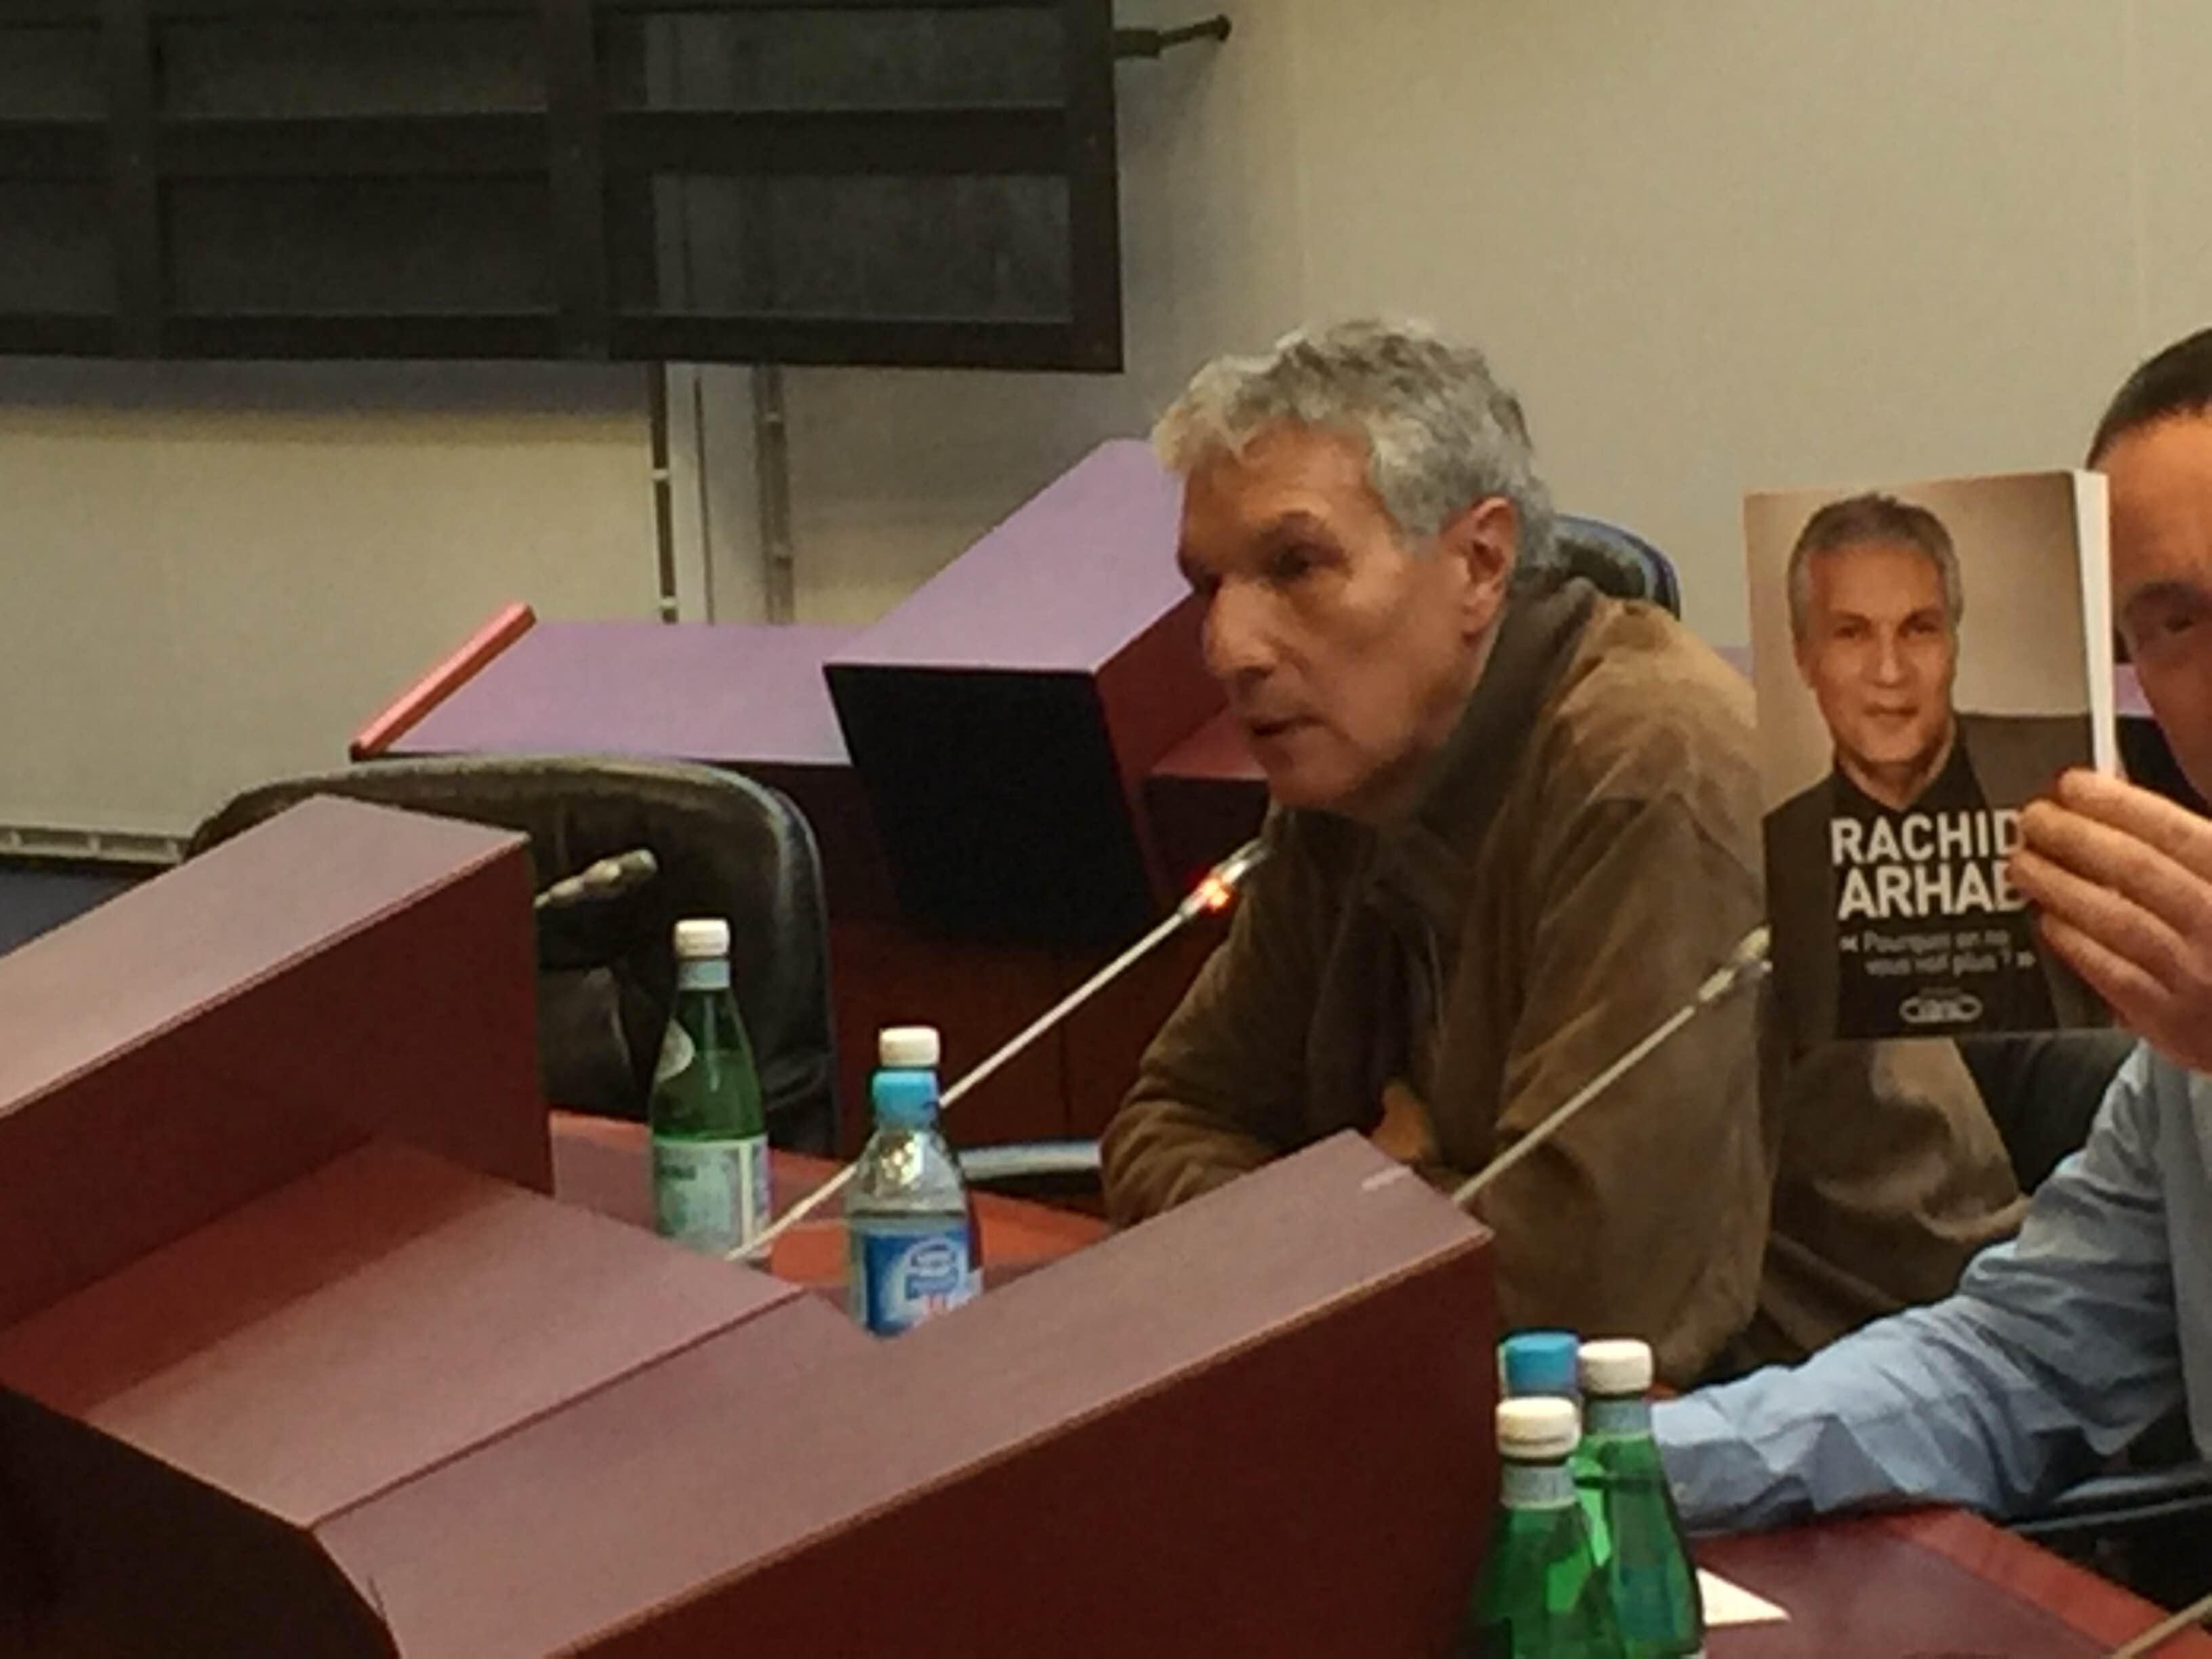 Rachid Arhab, cet après-midi, au congrès annuel du Syndicat National des Radios Libres